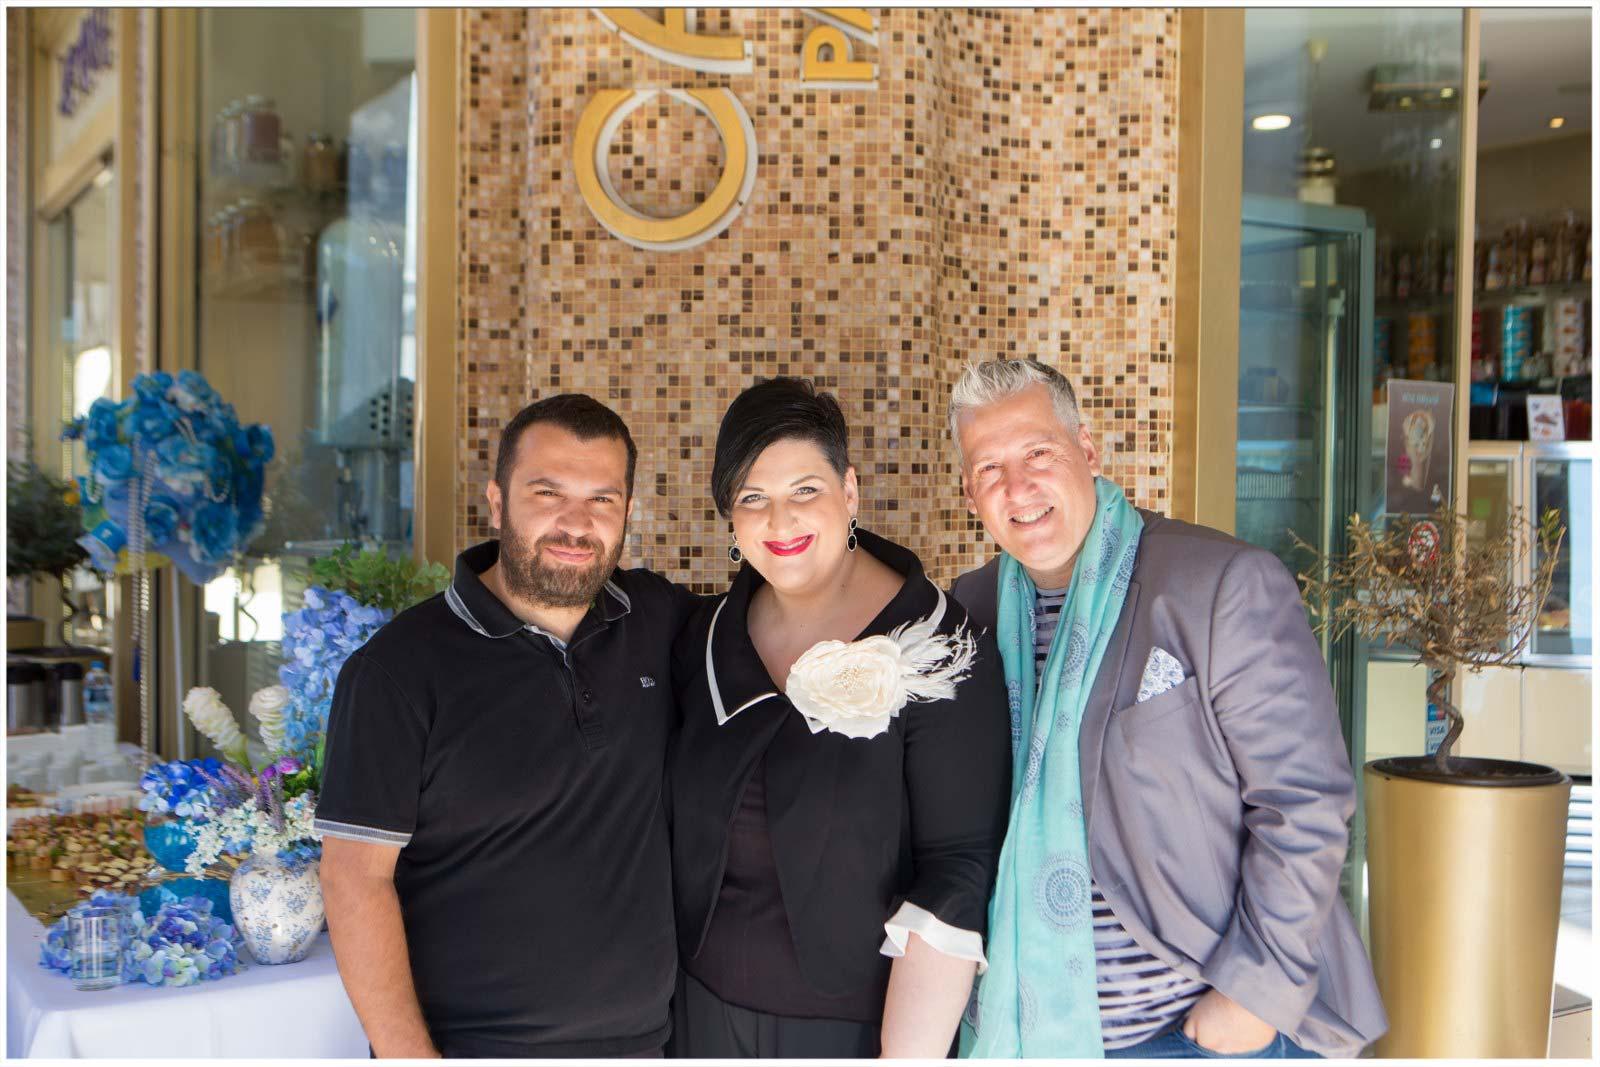 Ο Ιδιοκτήτης των Ζαχαροπλαστείων CARAVEL με την Άννα Μαρία Ρογδάκη και τον Γιώργο Διαμαντόπουλο